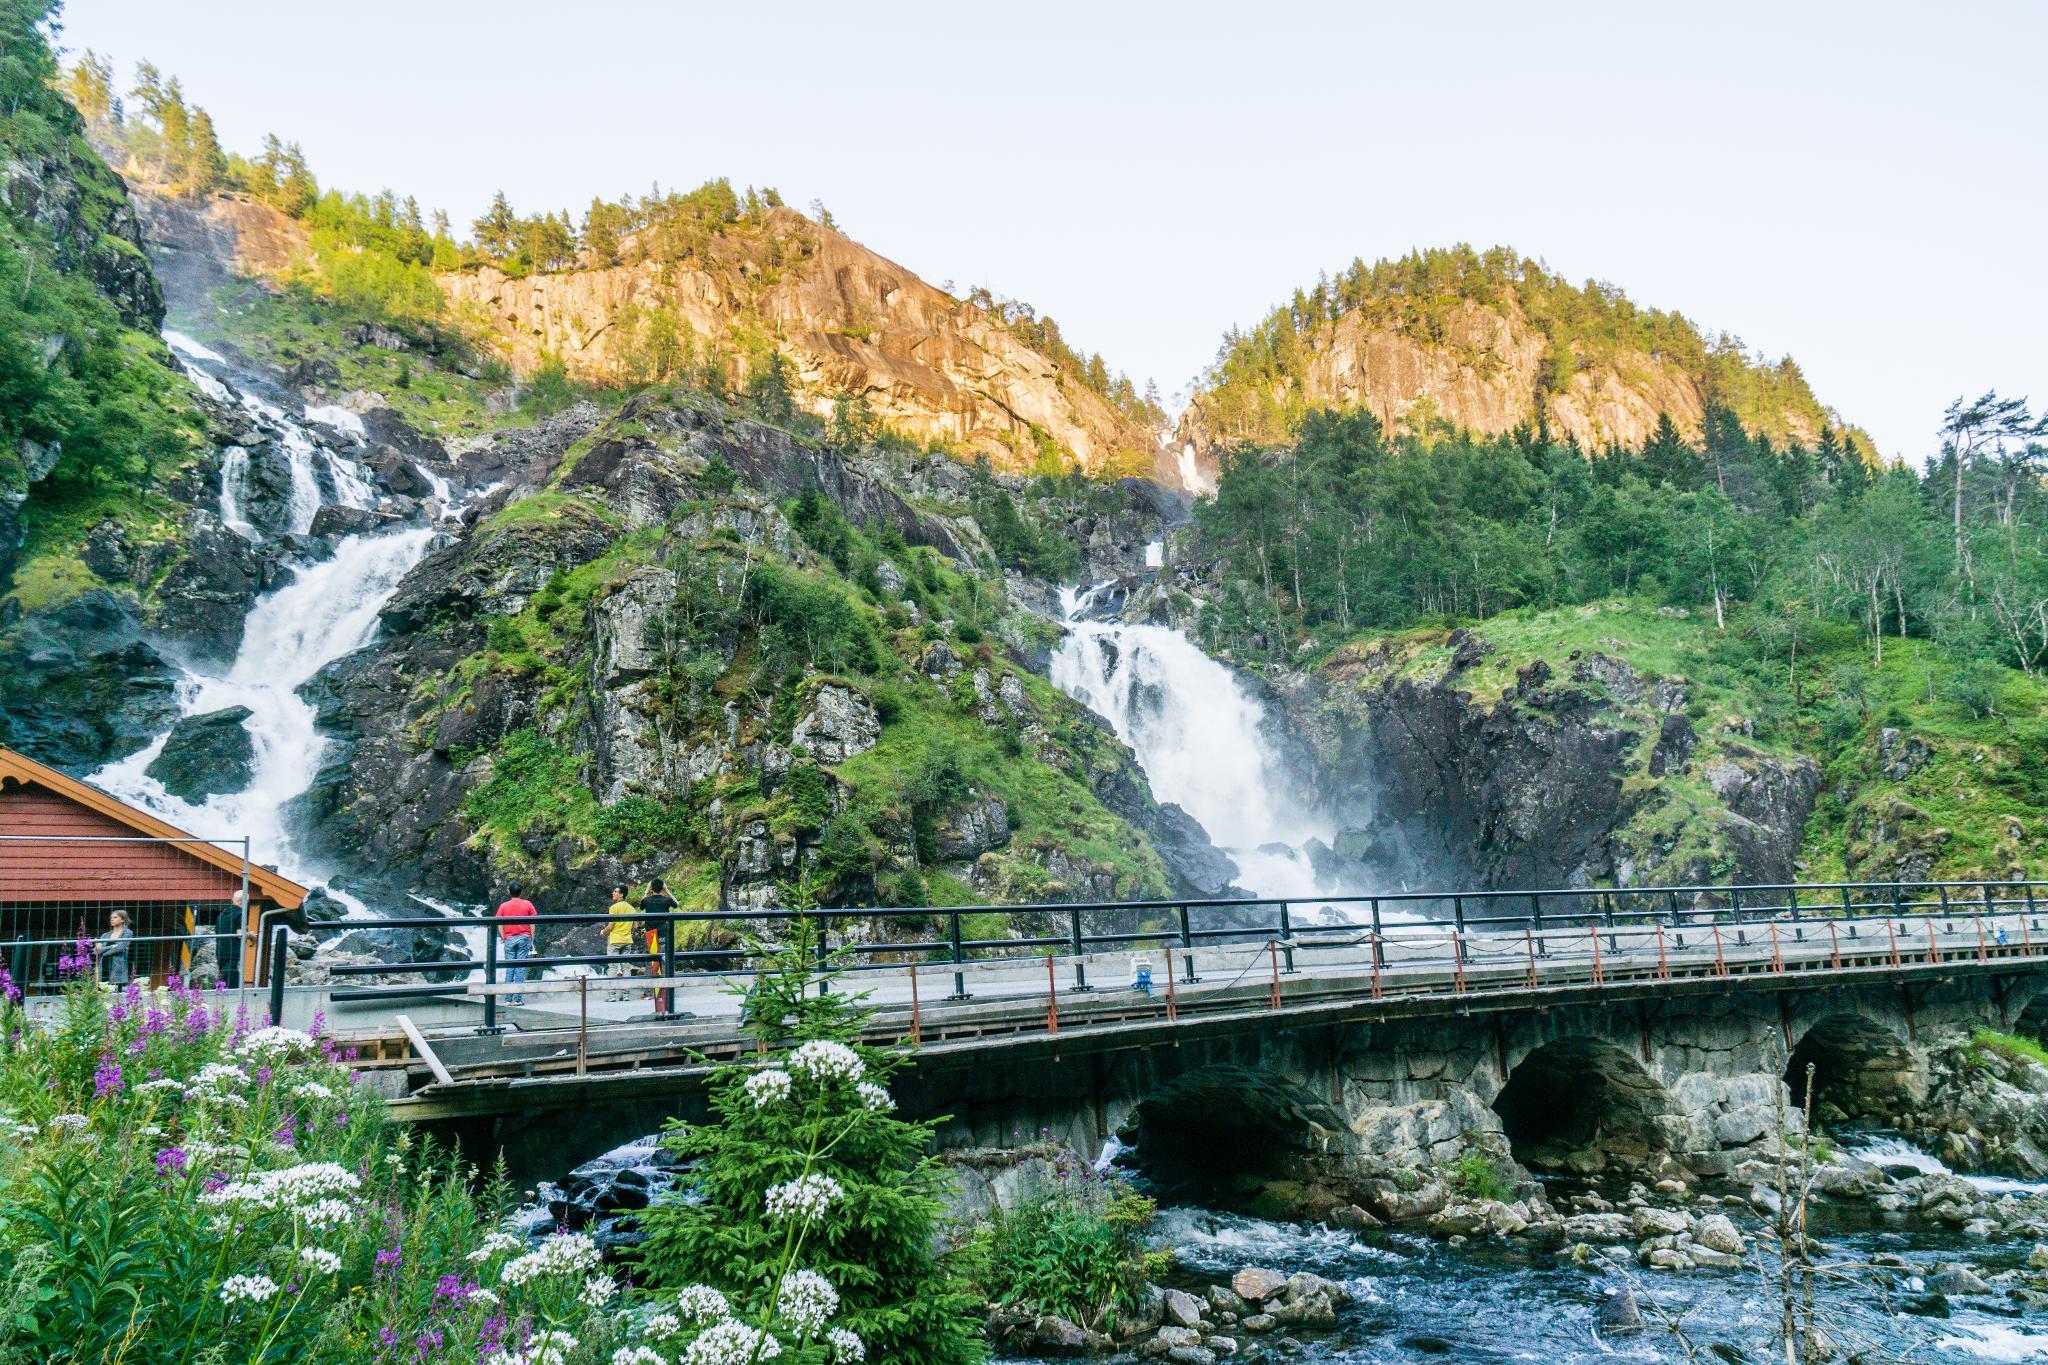 【北歐景點】中世紀的朝聖者之路:百年歷史的Røldal小鎮 5